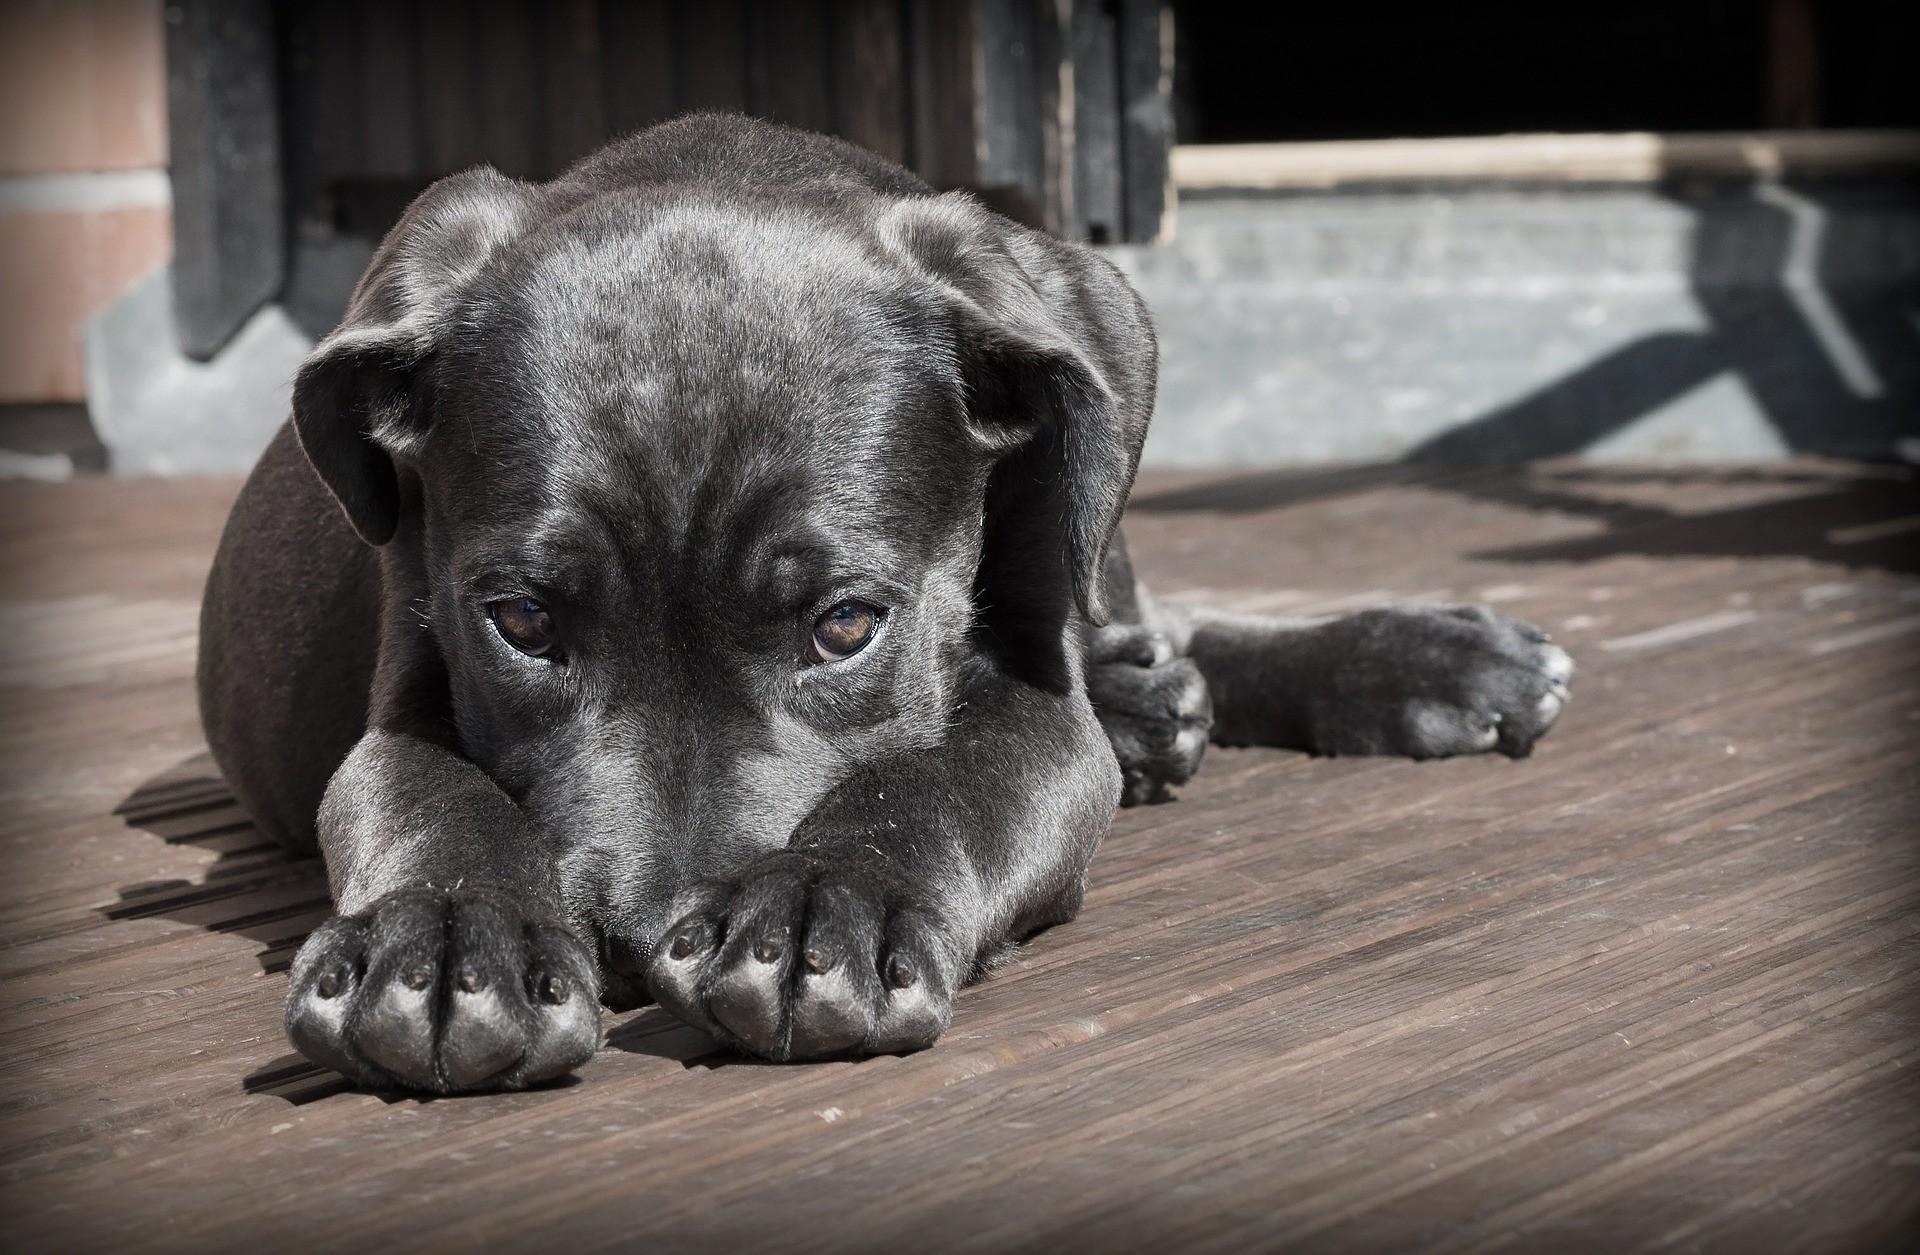 ▲▼黑狗,狗狗,汪星人,寵物,動物(圖/取自免費圖庫Pixabay)